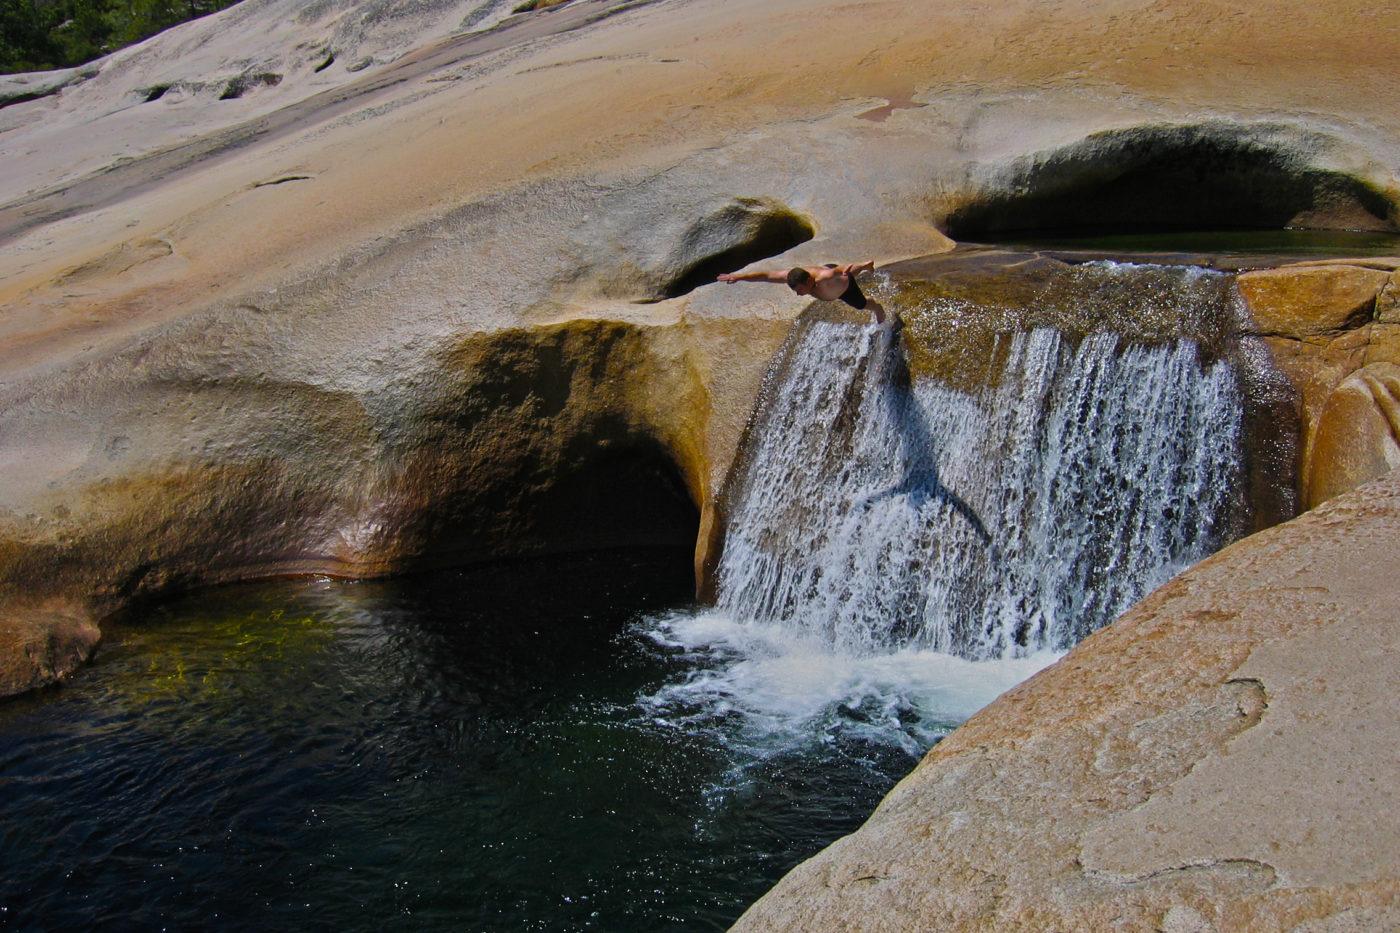 Cascata Fiume tuffo Granito Trekking Yosemite California